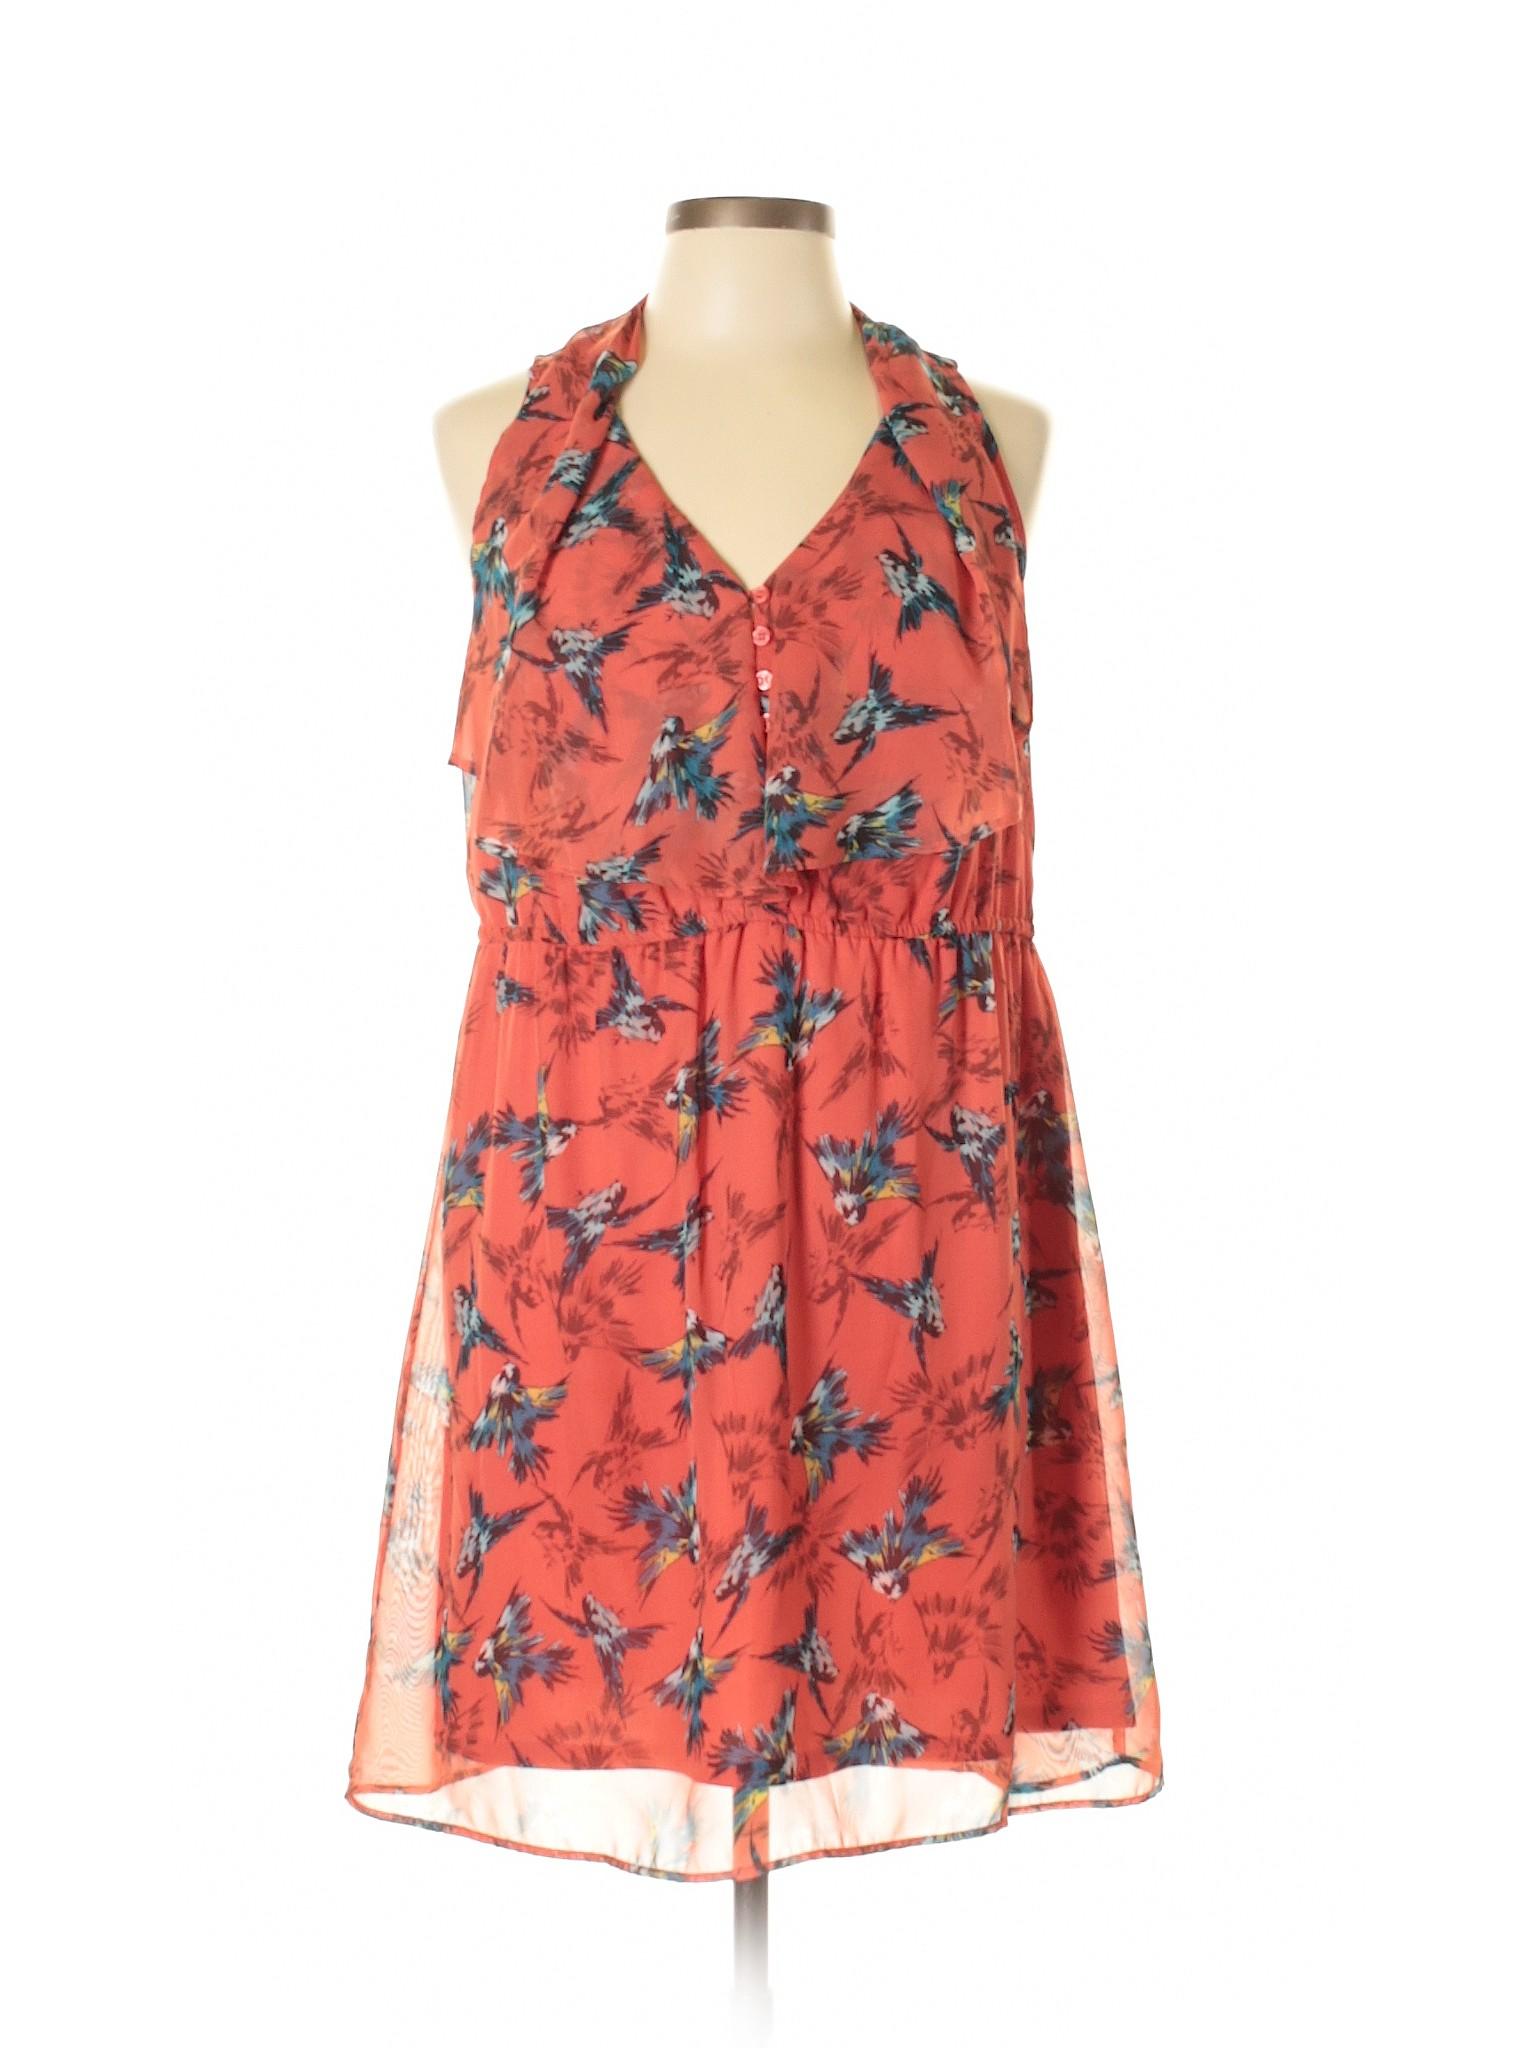 Iii Winter Dress Boutique Bar Casual zqnaW7v